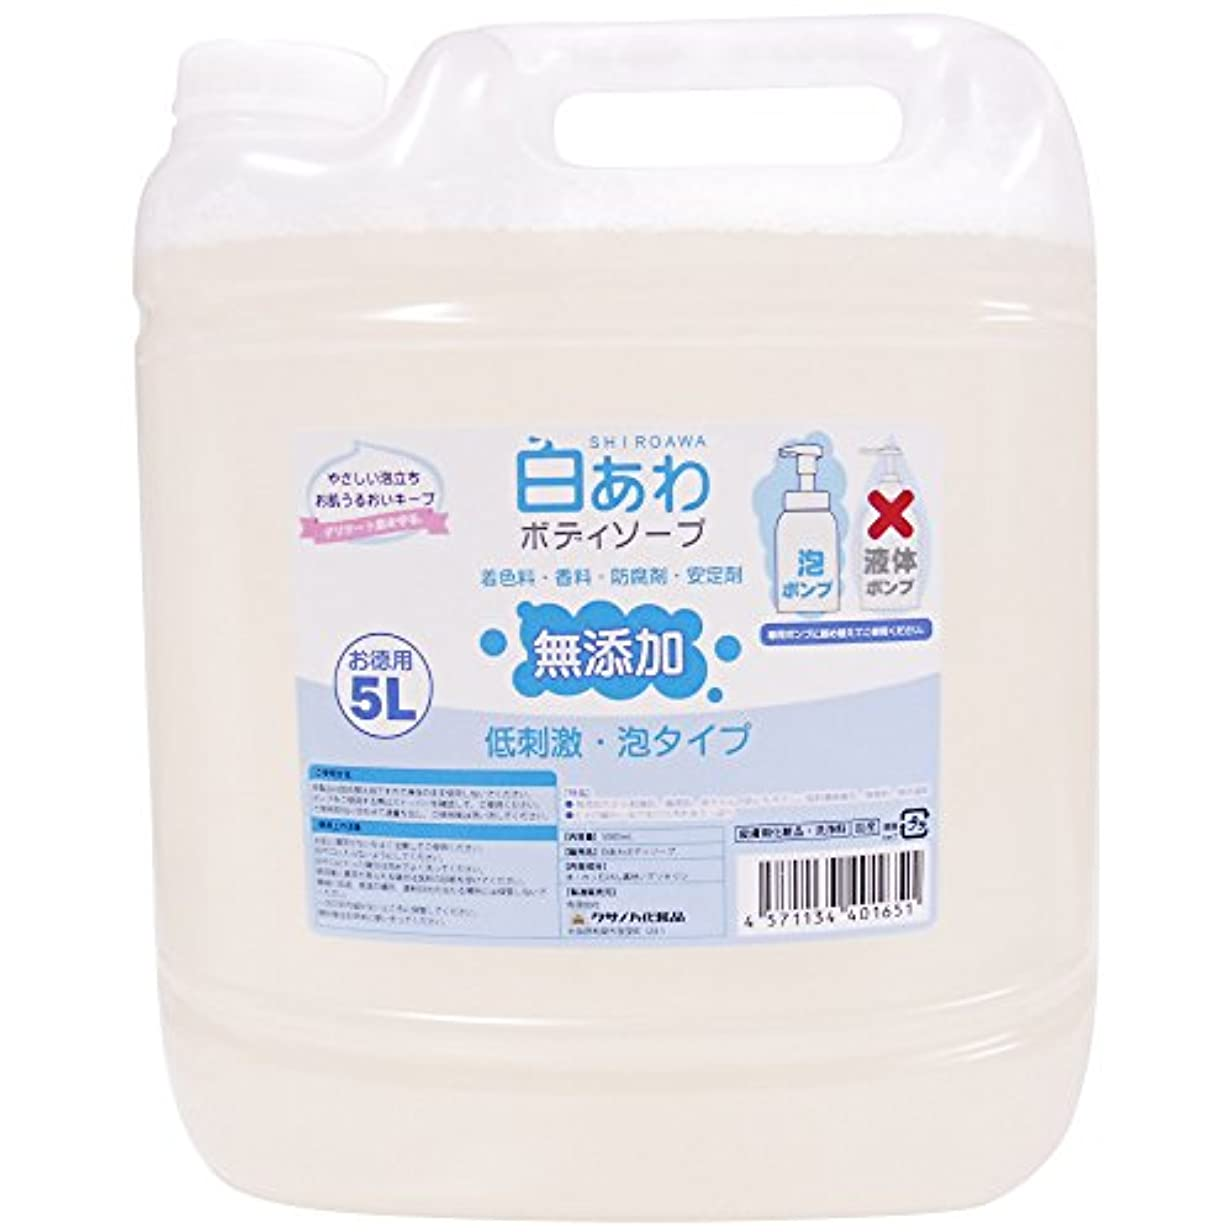 信頼一次寛大な【無添加】白あわボディソープ 詰替用 5L